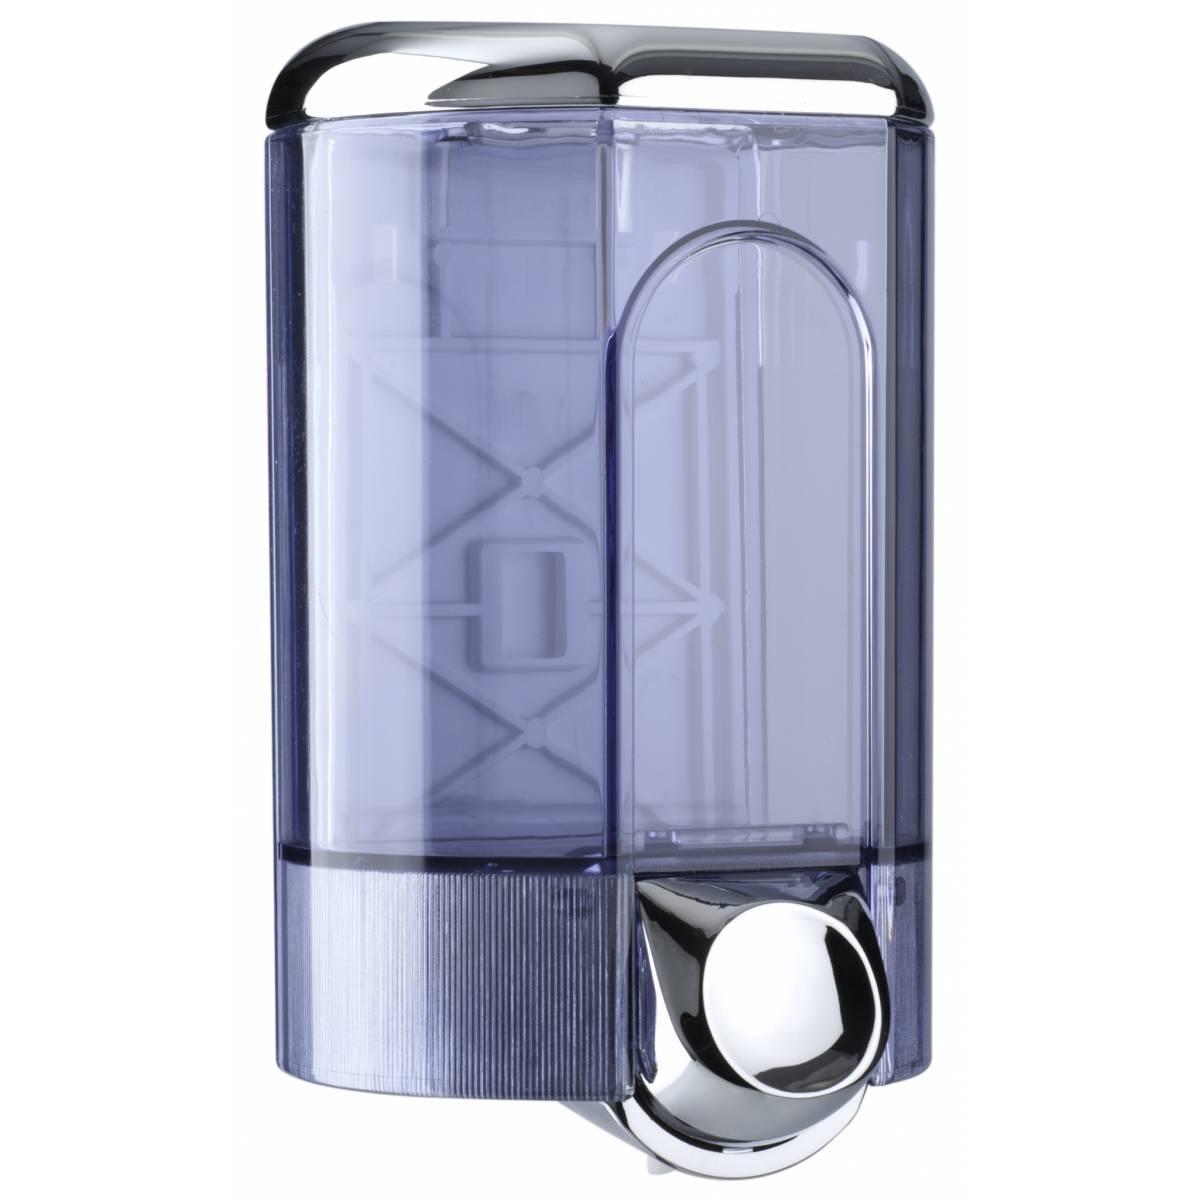 Дозатор жидкого мыла Mar Plast ACQUALBA (563C) A56300 Mar Plast